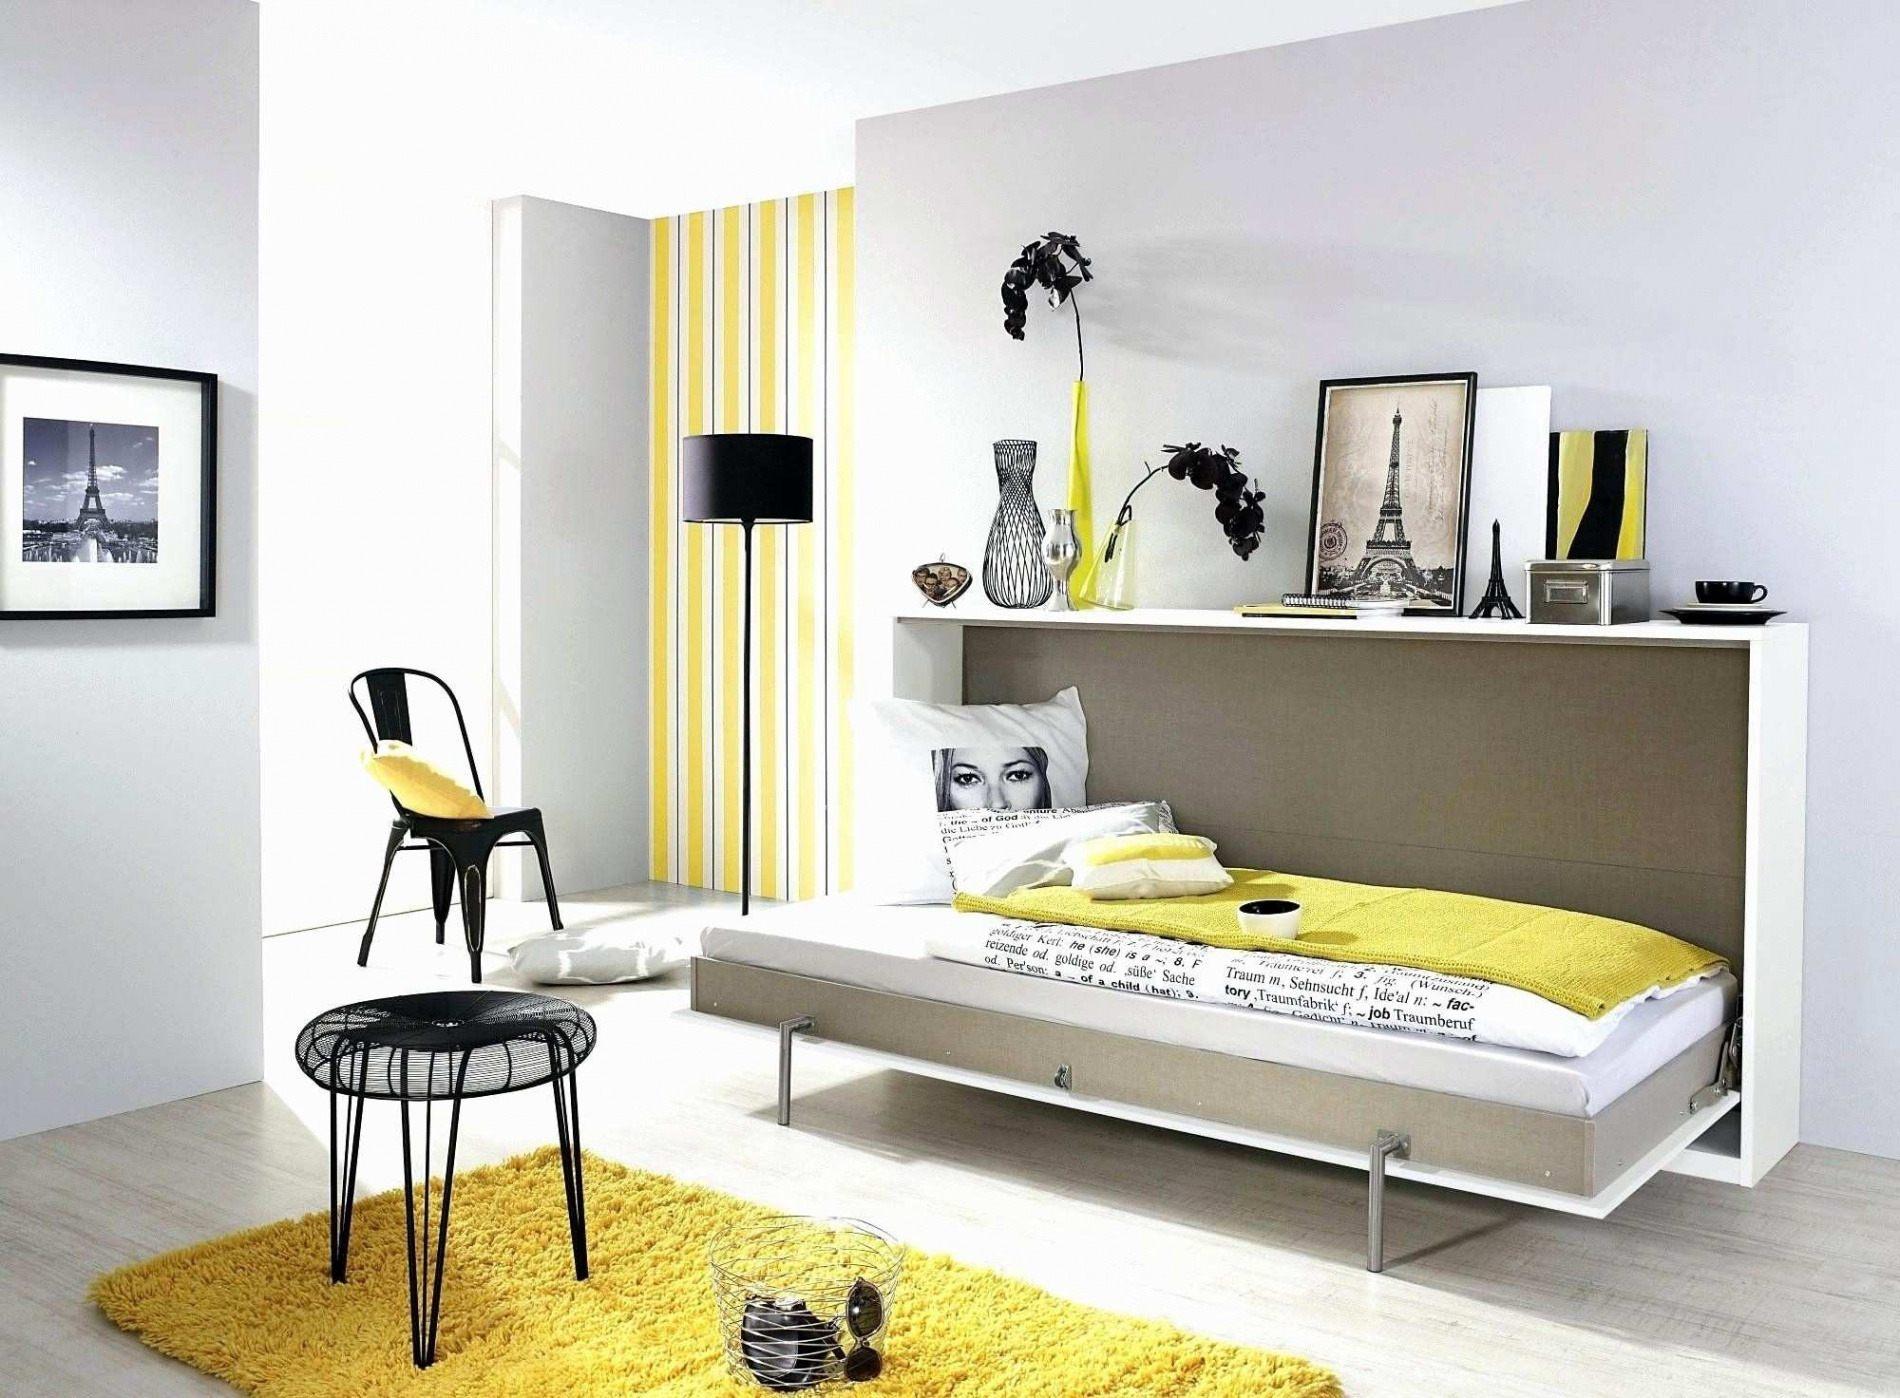 Lit A Baldaquin Ikea De sove Lit Baldaquin Blanc — sovedis Aquatabs